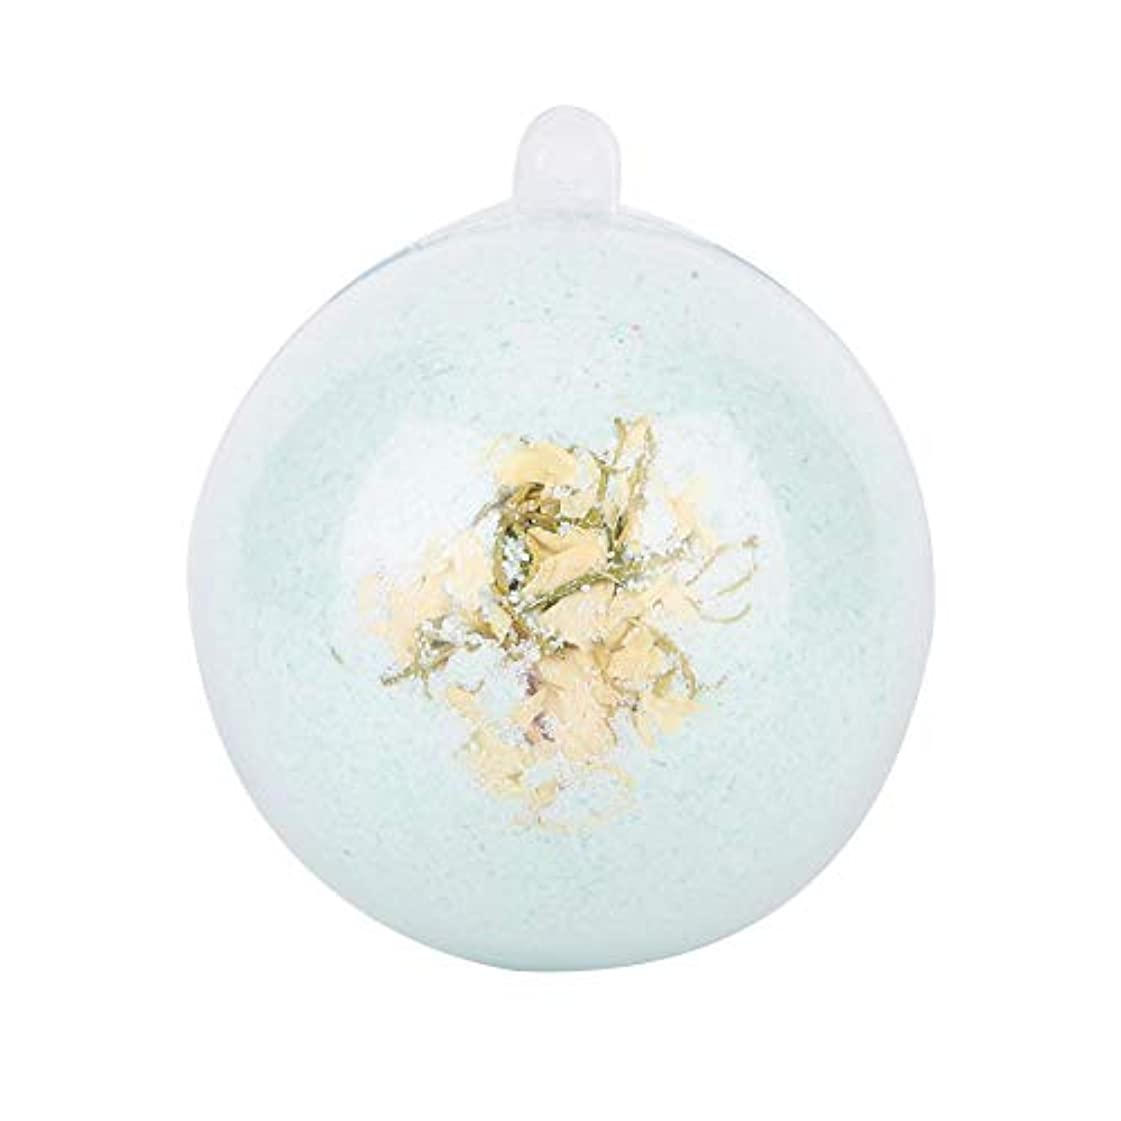 伝導必需品月dootiバスボム 6個セット 爆弾バスボール 入浴剤 プレゼント用 香り 入浴 風呂 お湯 優しい